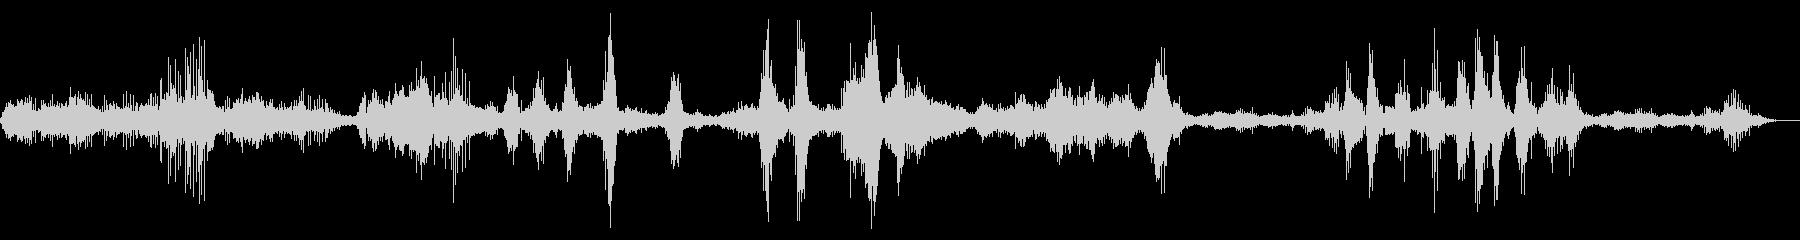 ハミングバードフライング、非常に高...の未再生の波形